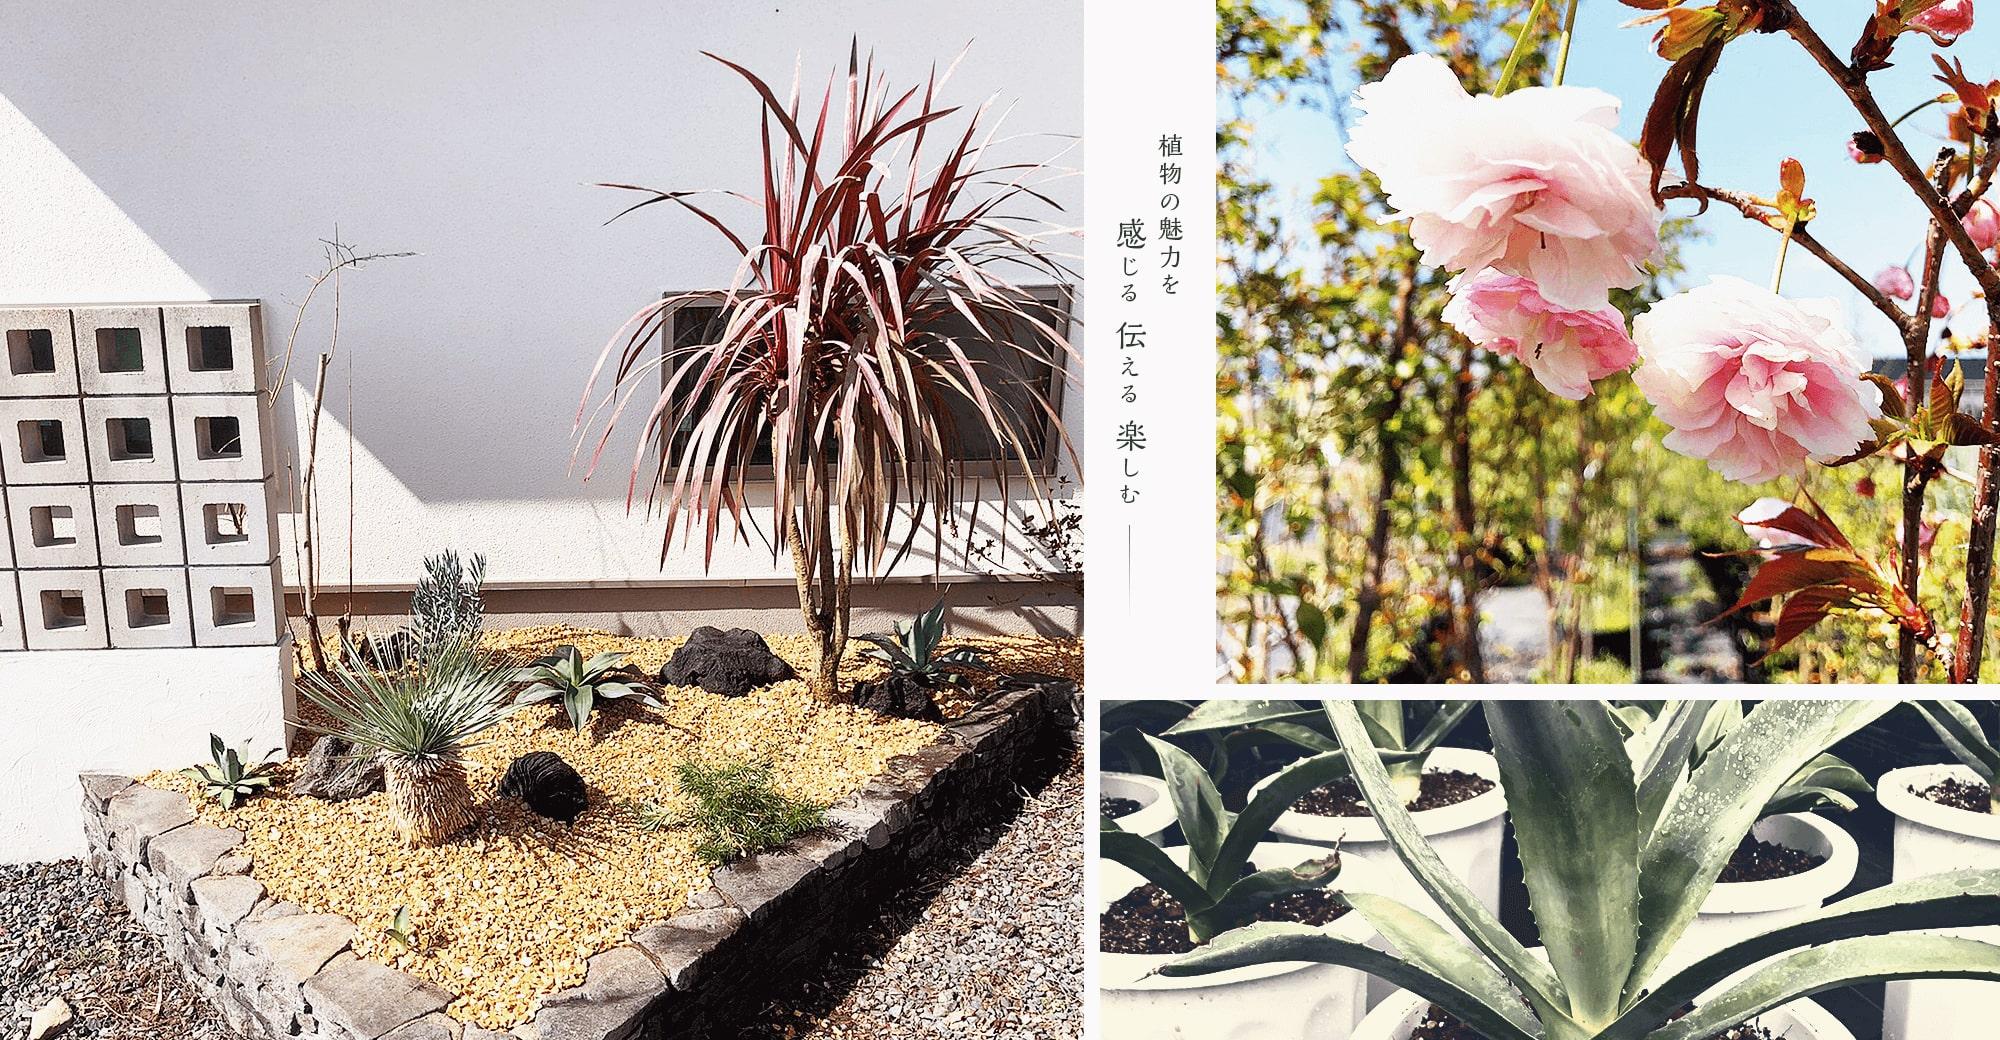 植物の魅力を 感じる 伝える 楽しむ――